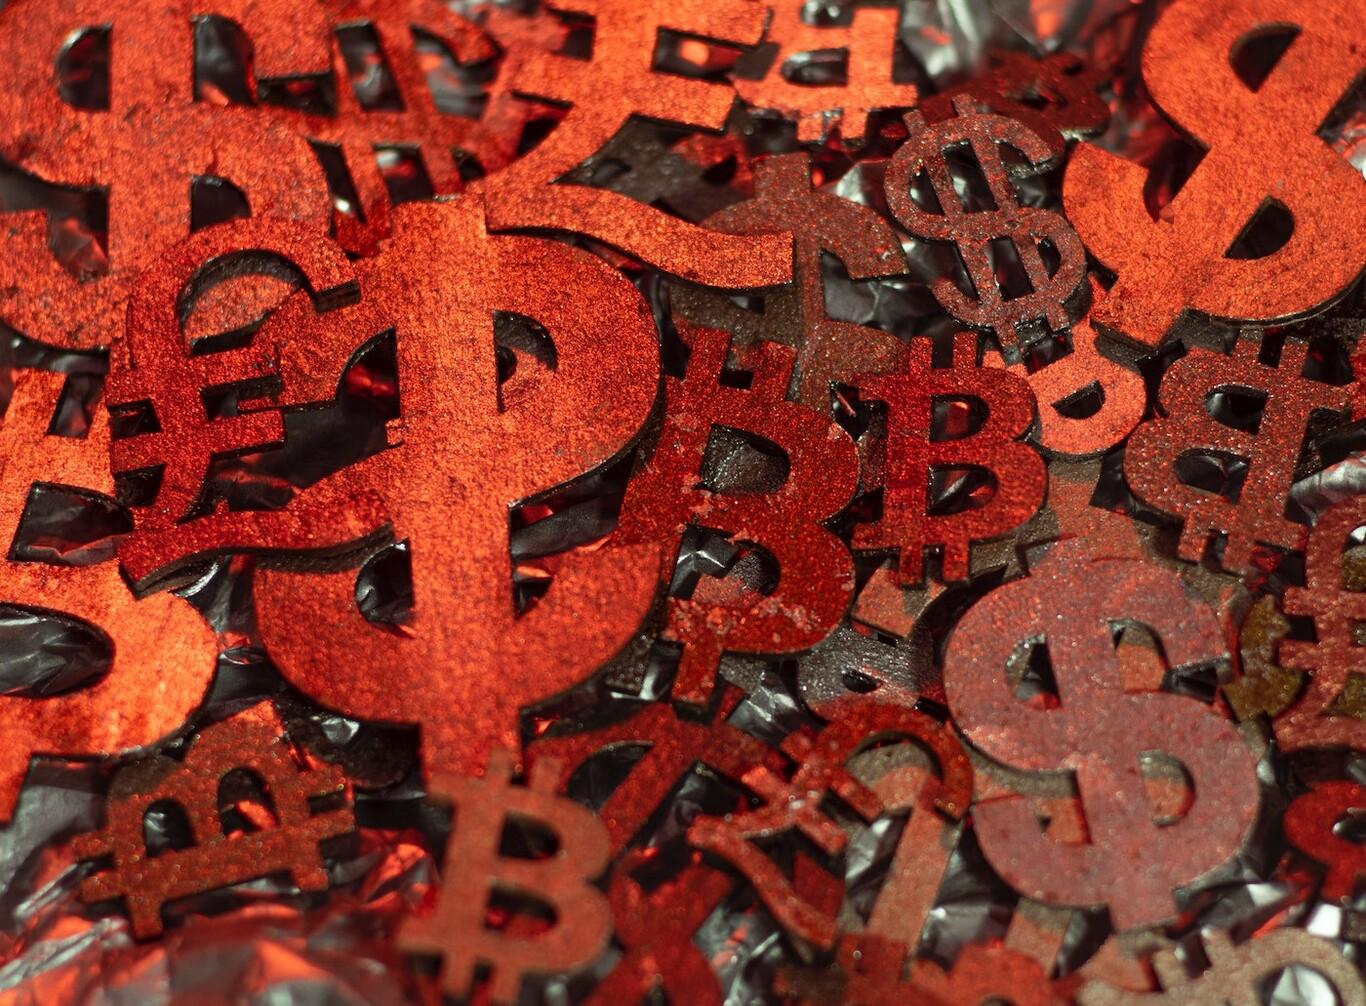 Cum poti sa faci bani pe internet Cum să investiți în Bitcoin și criptomonede: Ultimate Guide